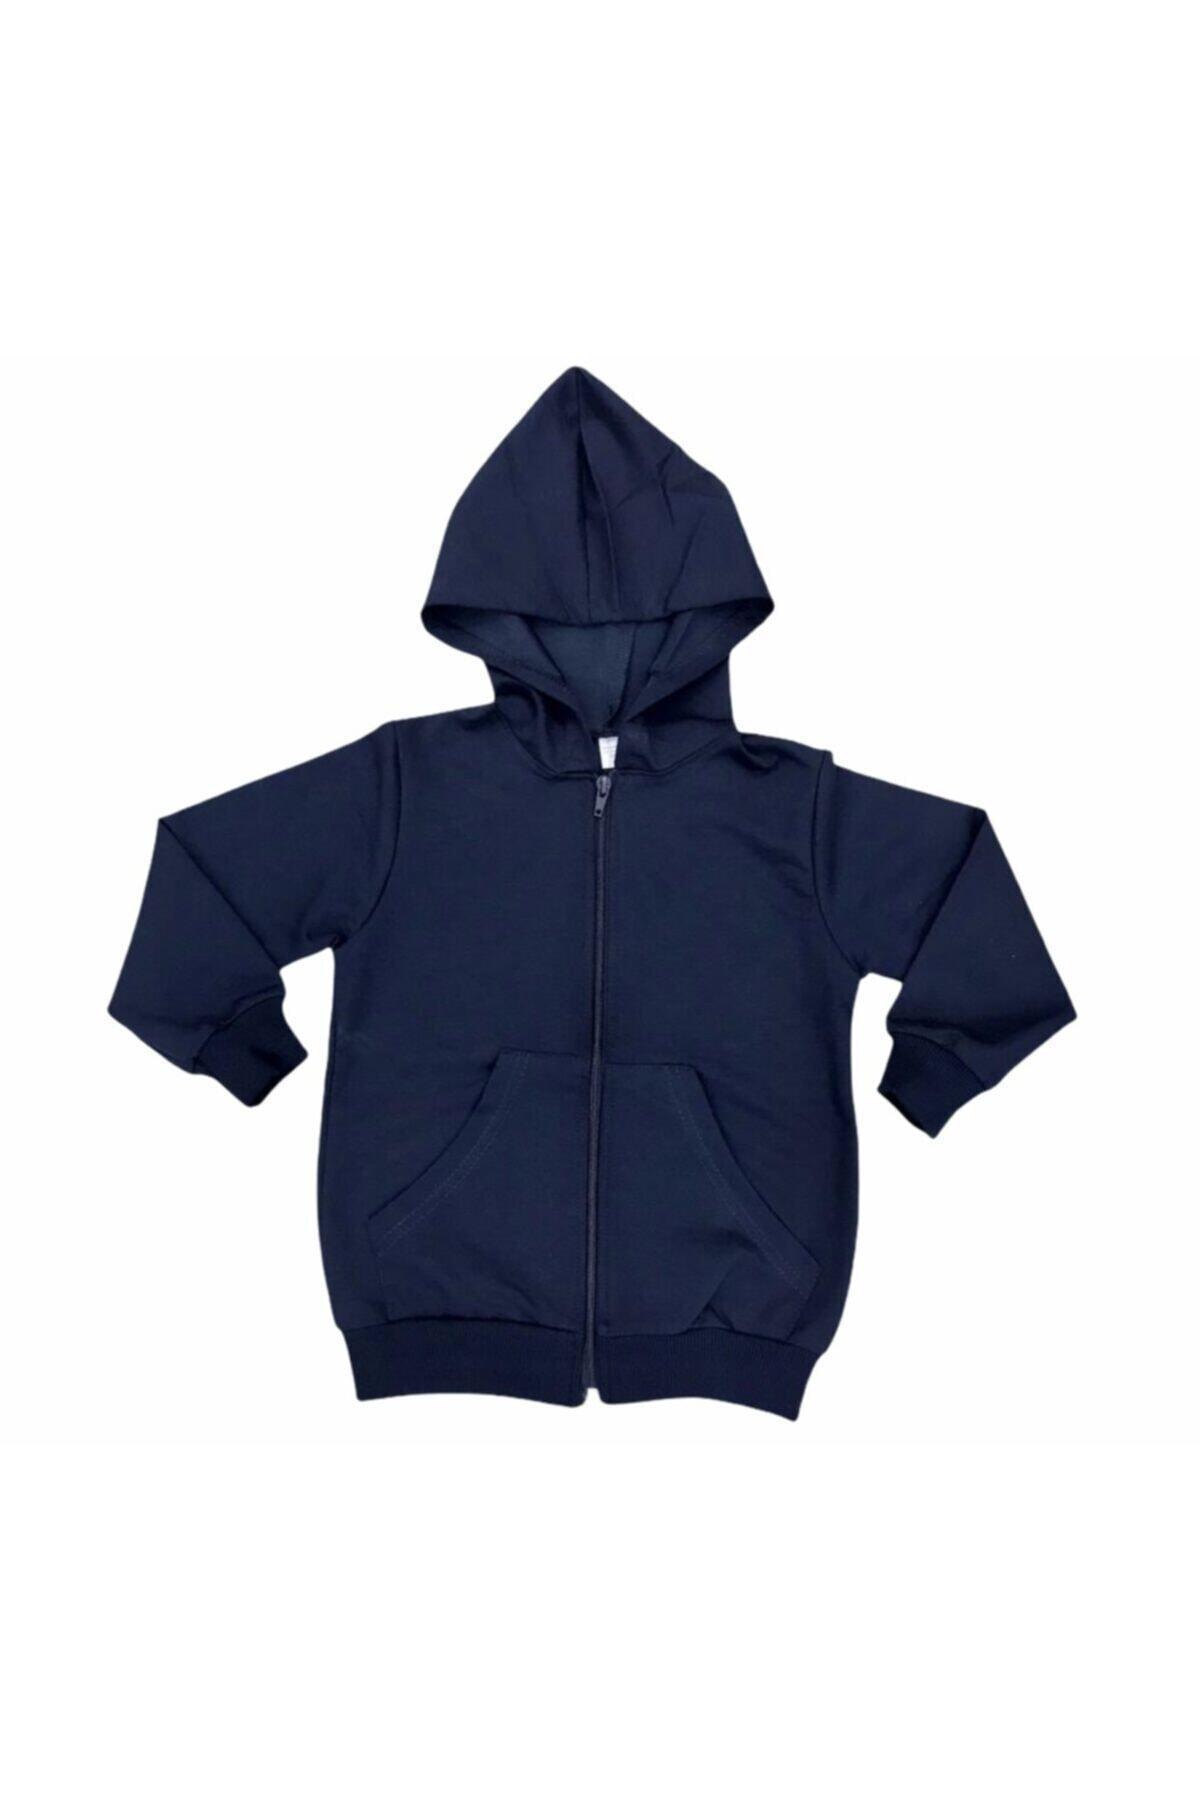 خرید انلاین سویشرت پسرانه ترکیه برند NACAR STORE رنگ لاجوردی کد ty99001688